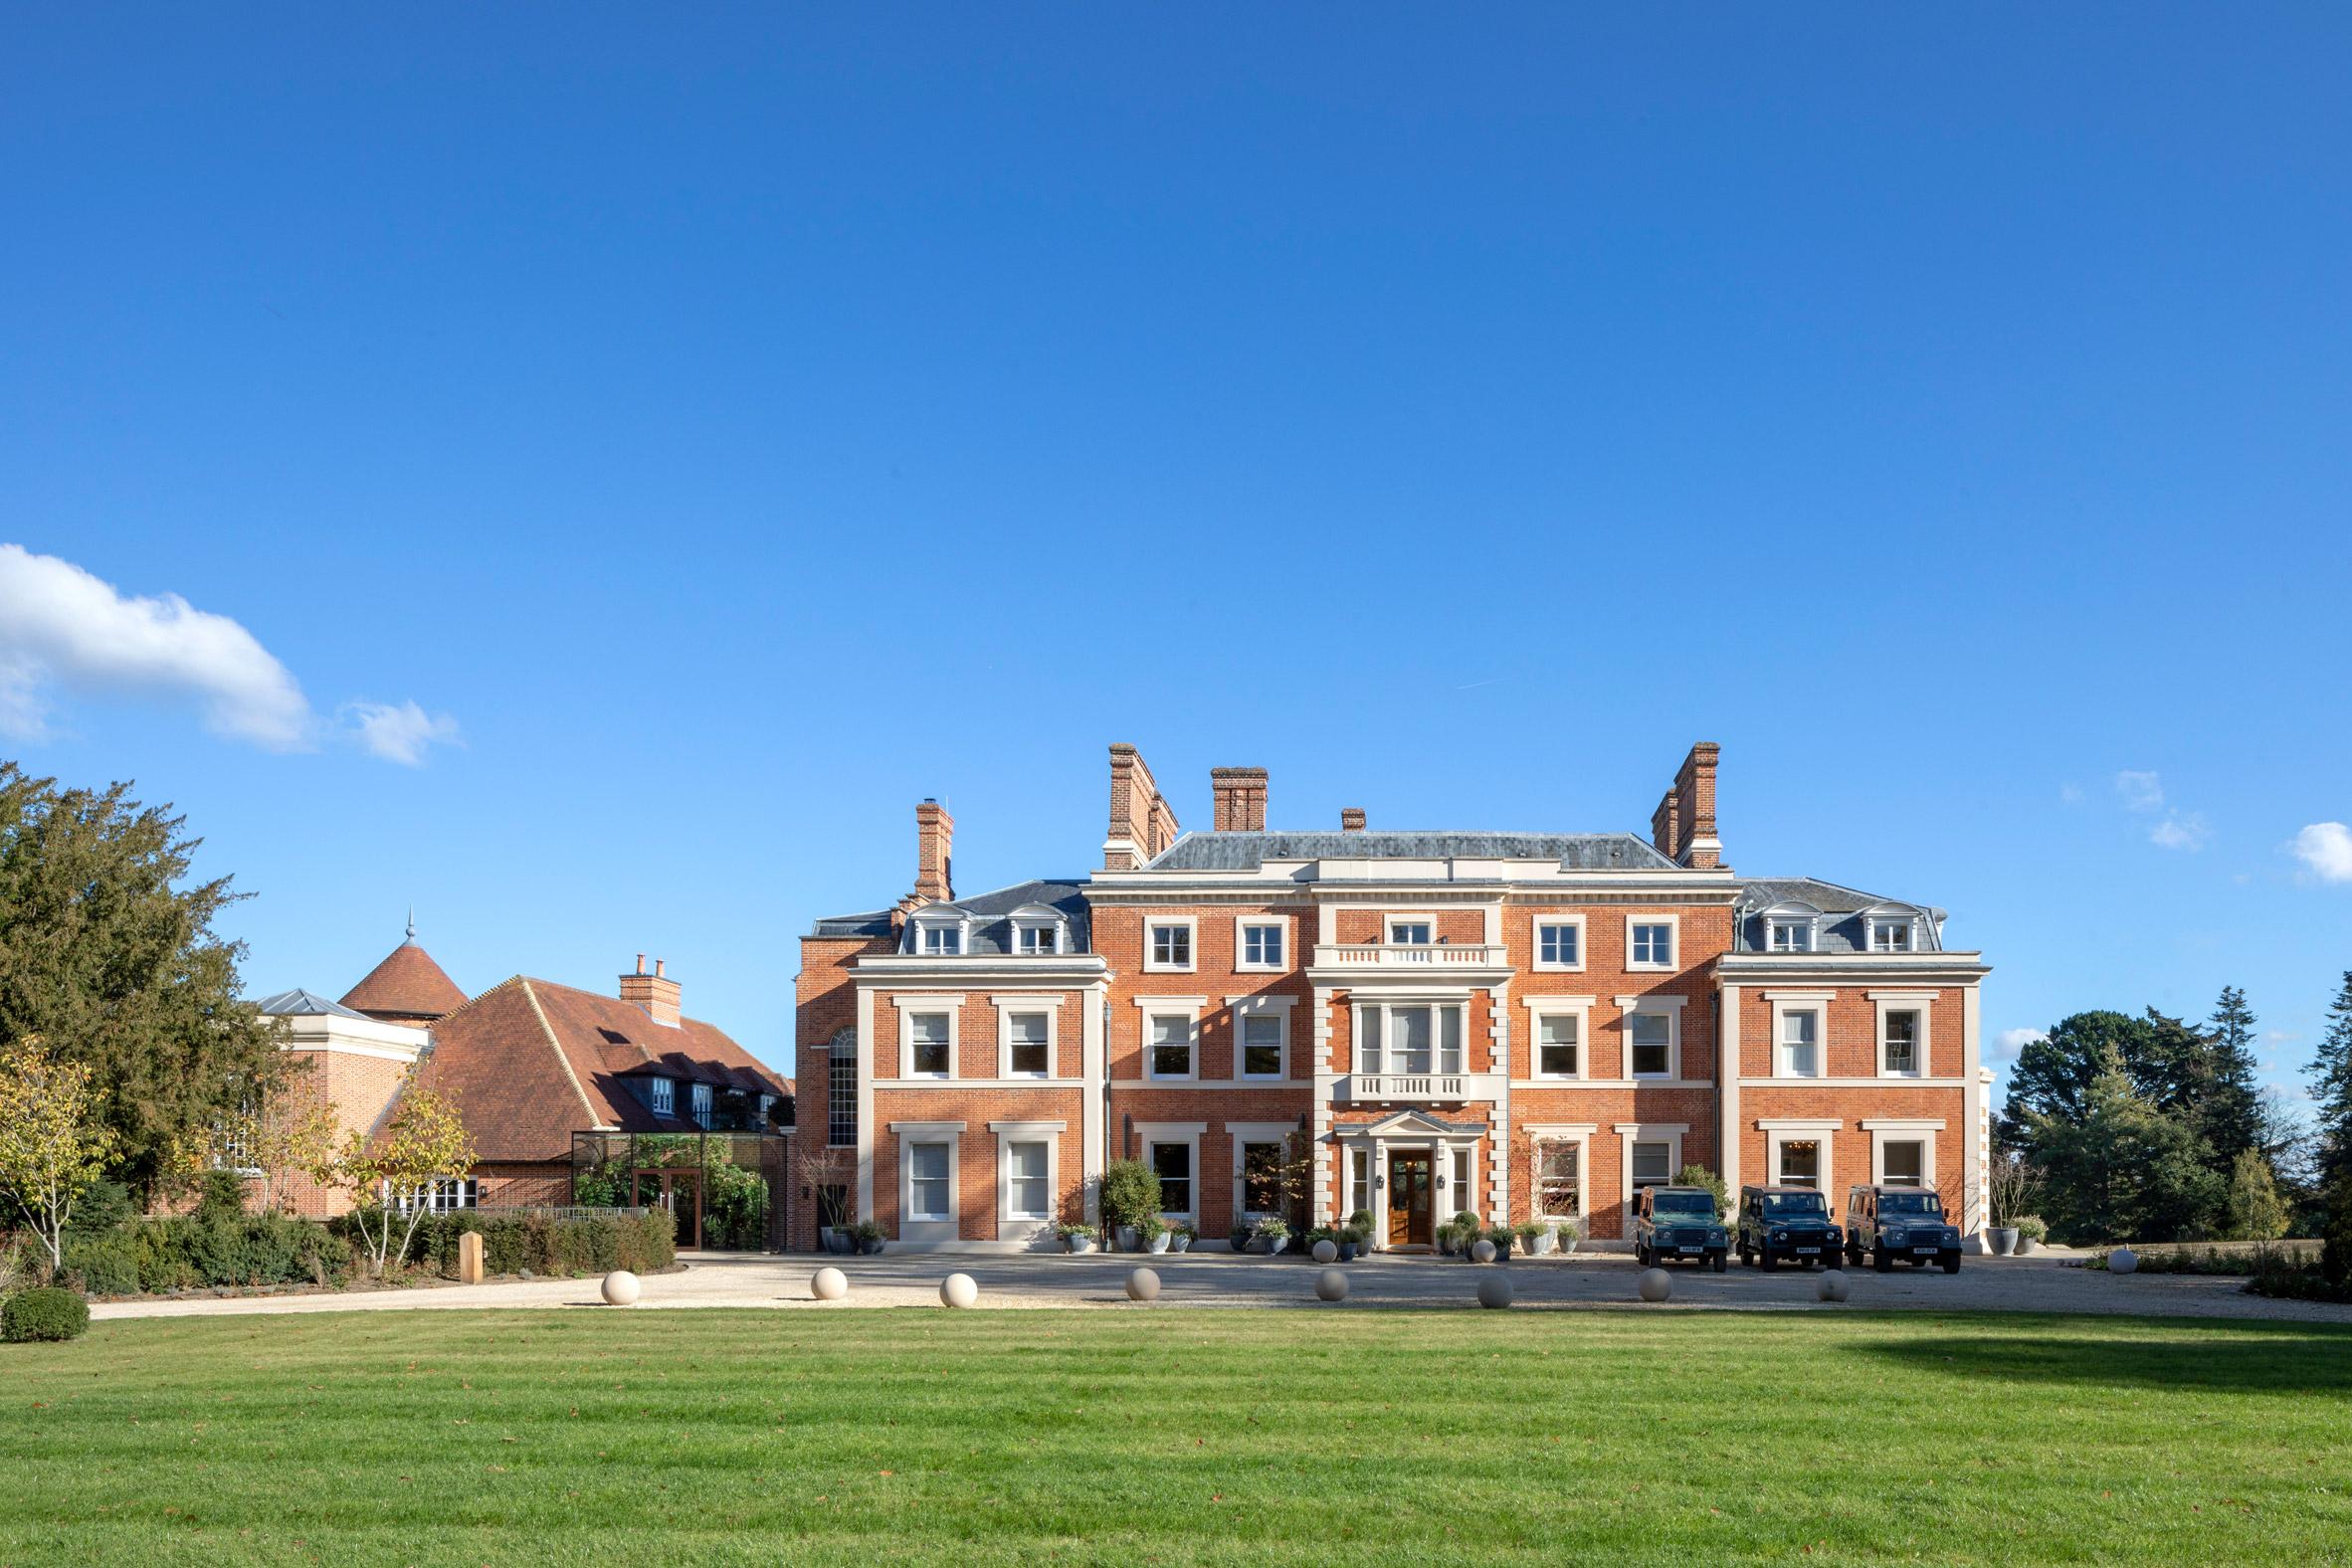 Heckfield Place, en Hampshire (Inglaterra) / Peter Cook